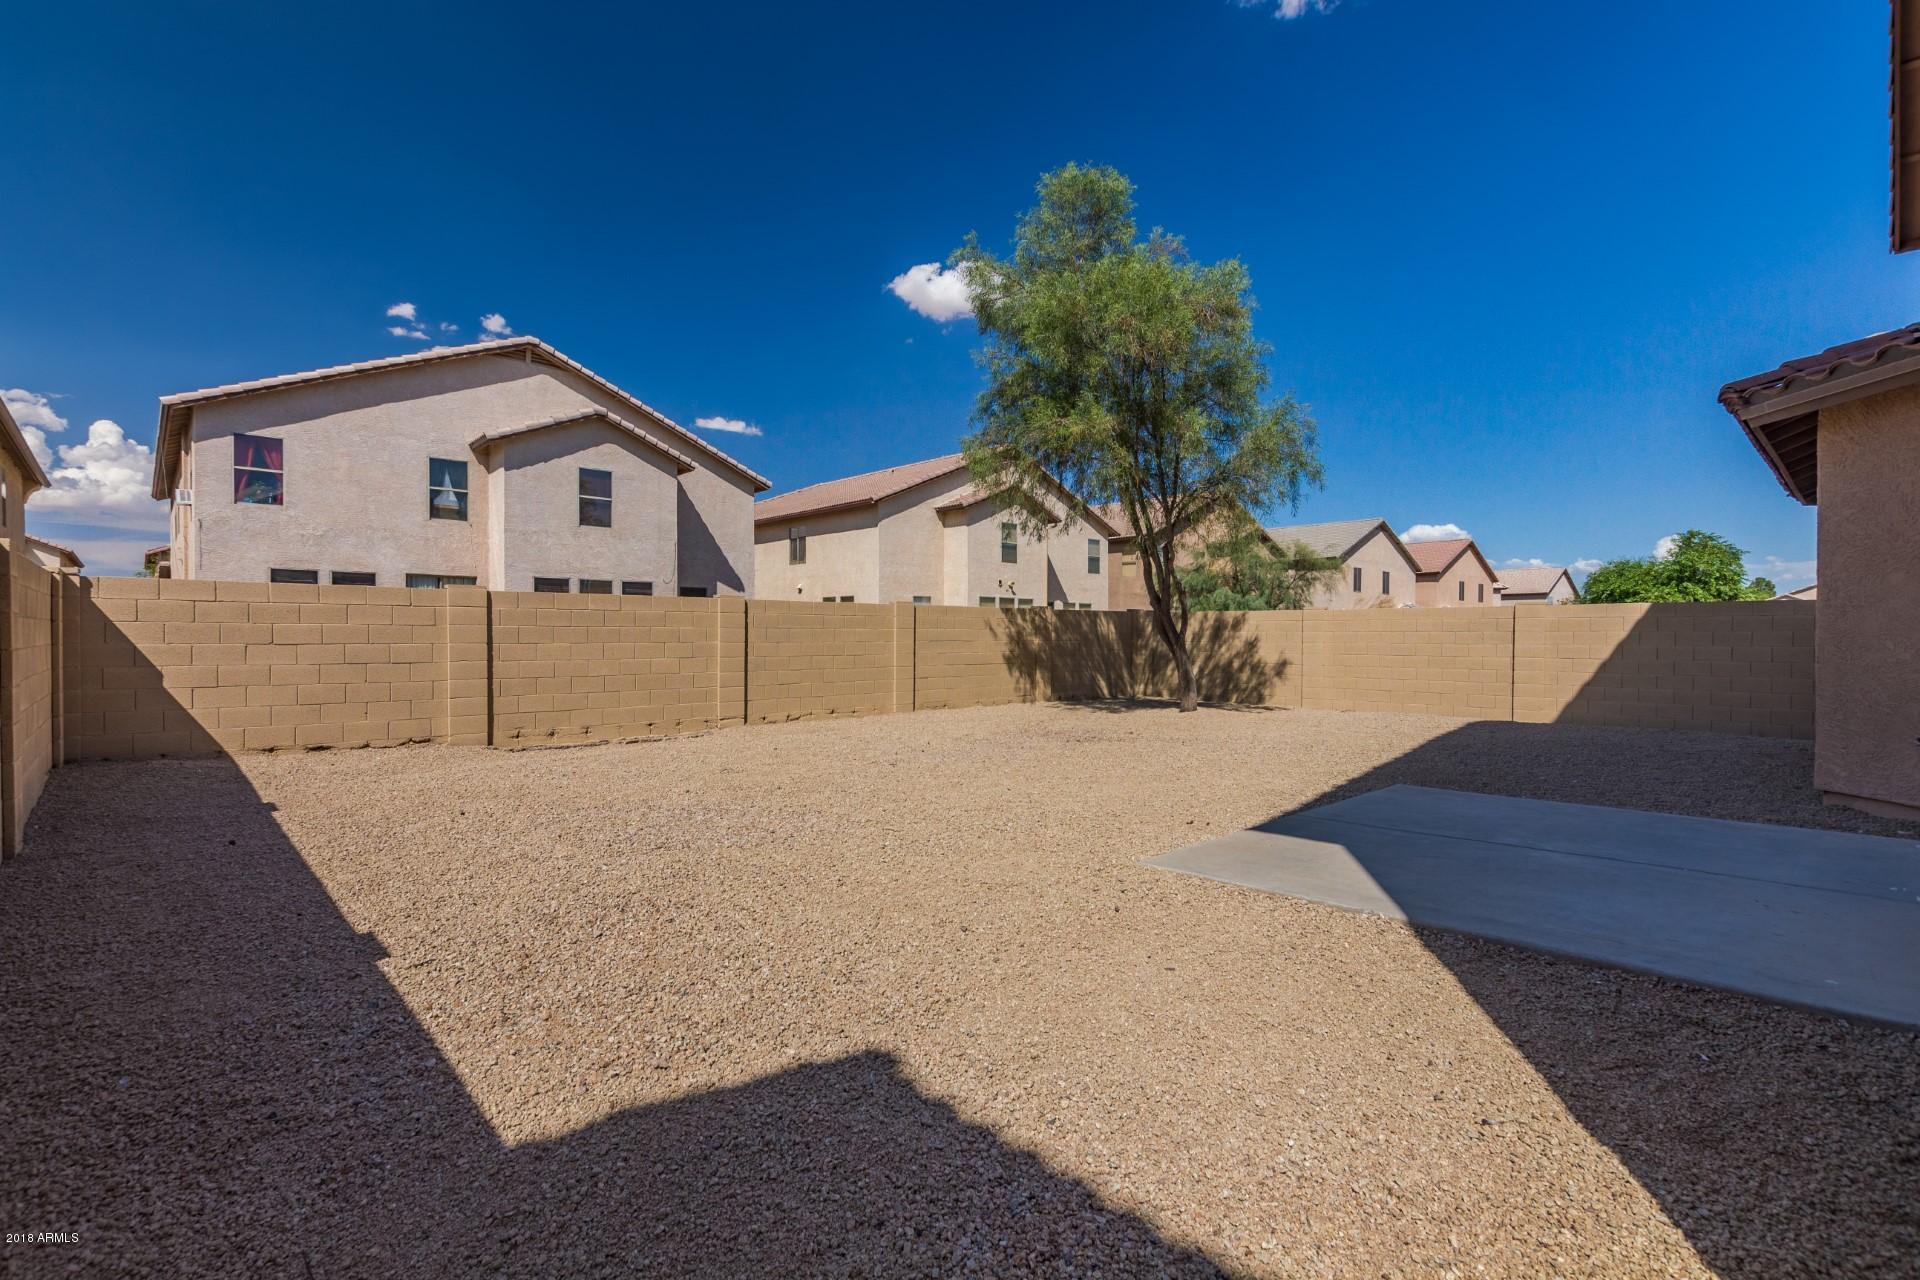 MLS 5816634 46088 W SONNY Road, Maricopa, AZ 85139 Maricopa AZ Maricopa Meadows